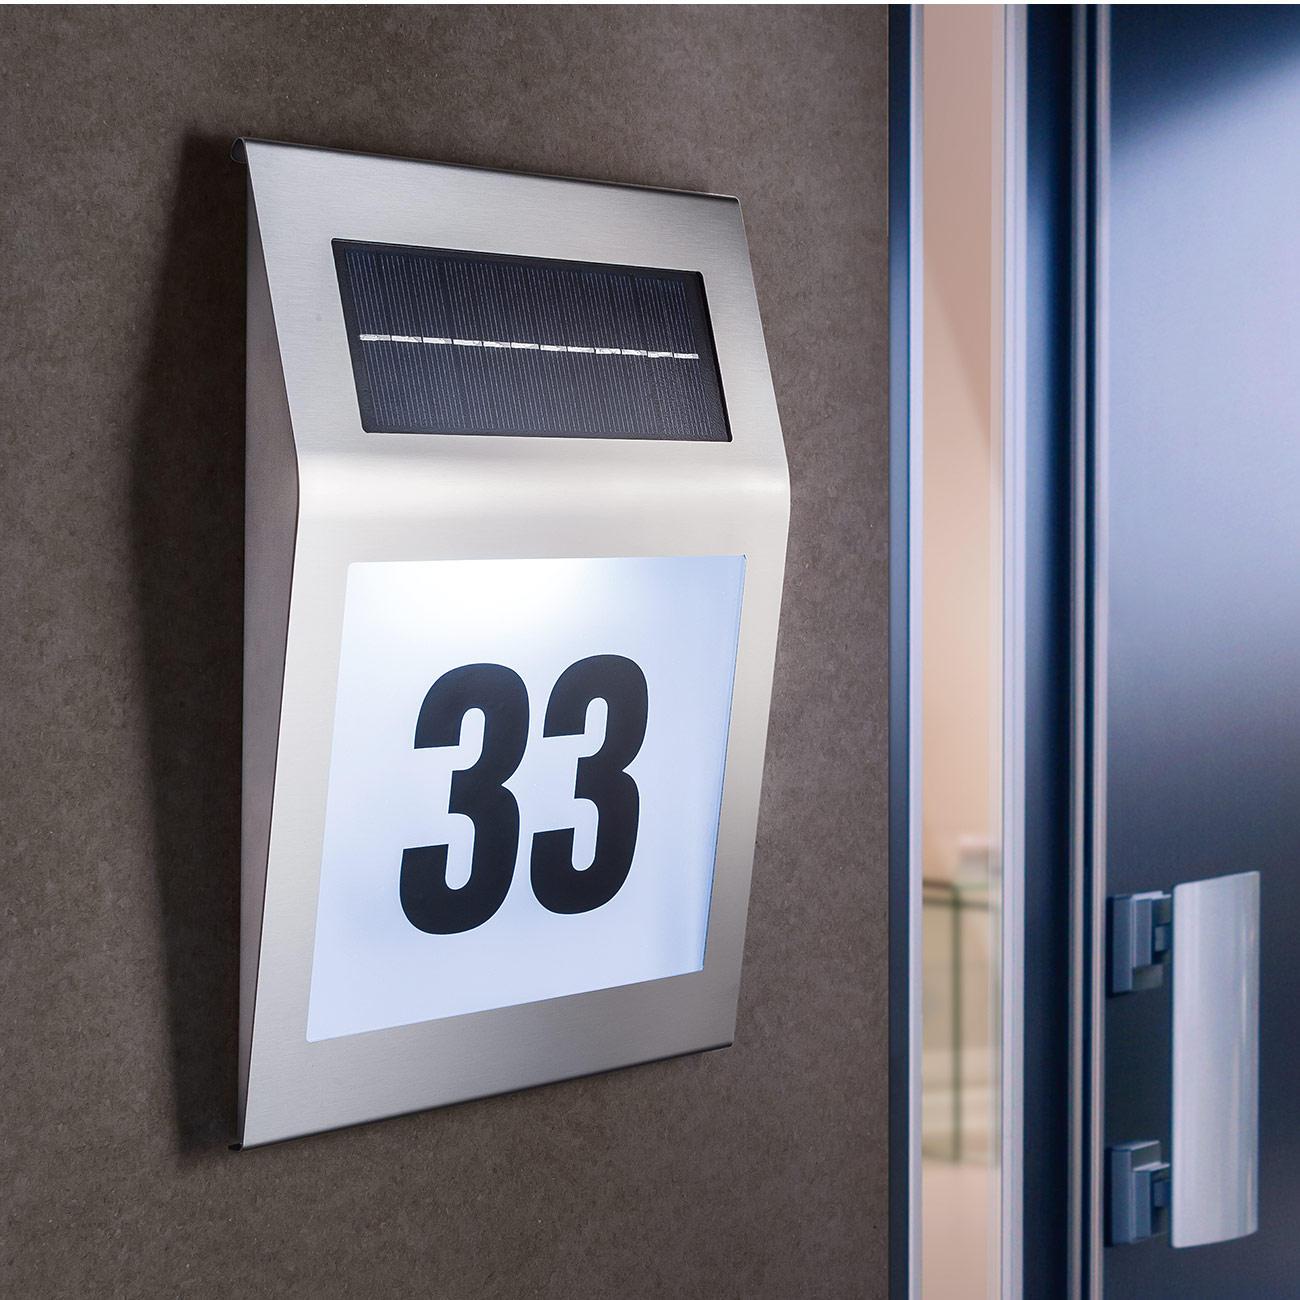 solar hausnummernleuchte 3 jahre garantie pro idee. Black Bedroom Furniture Sets. Home Design Ideas